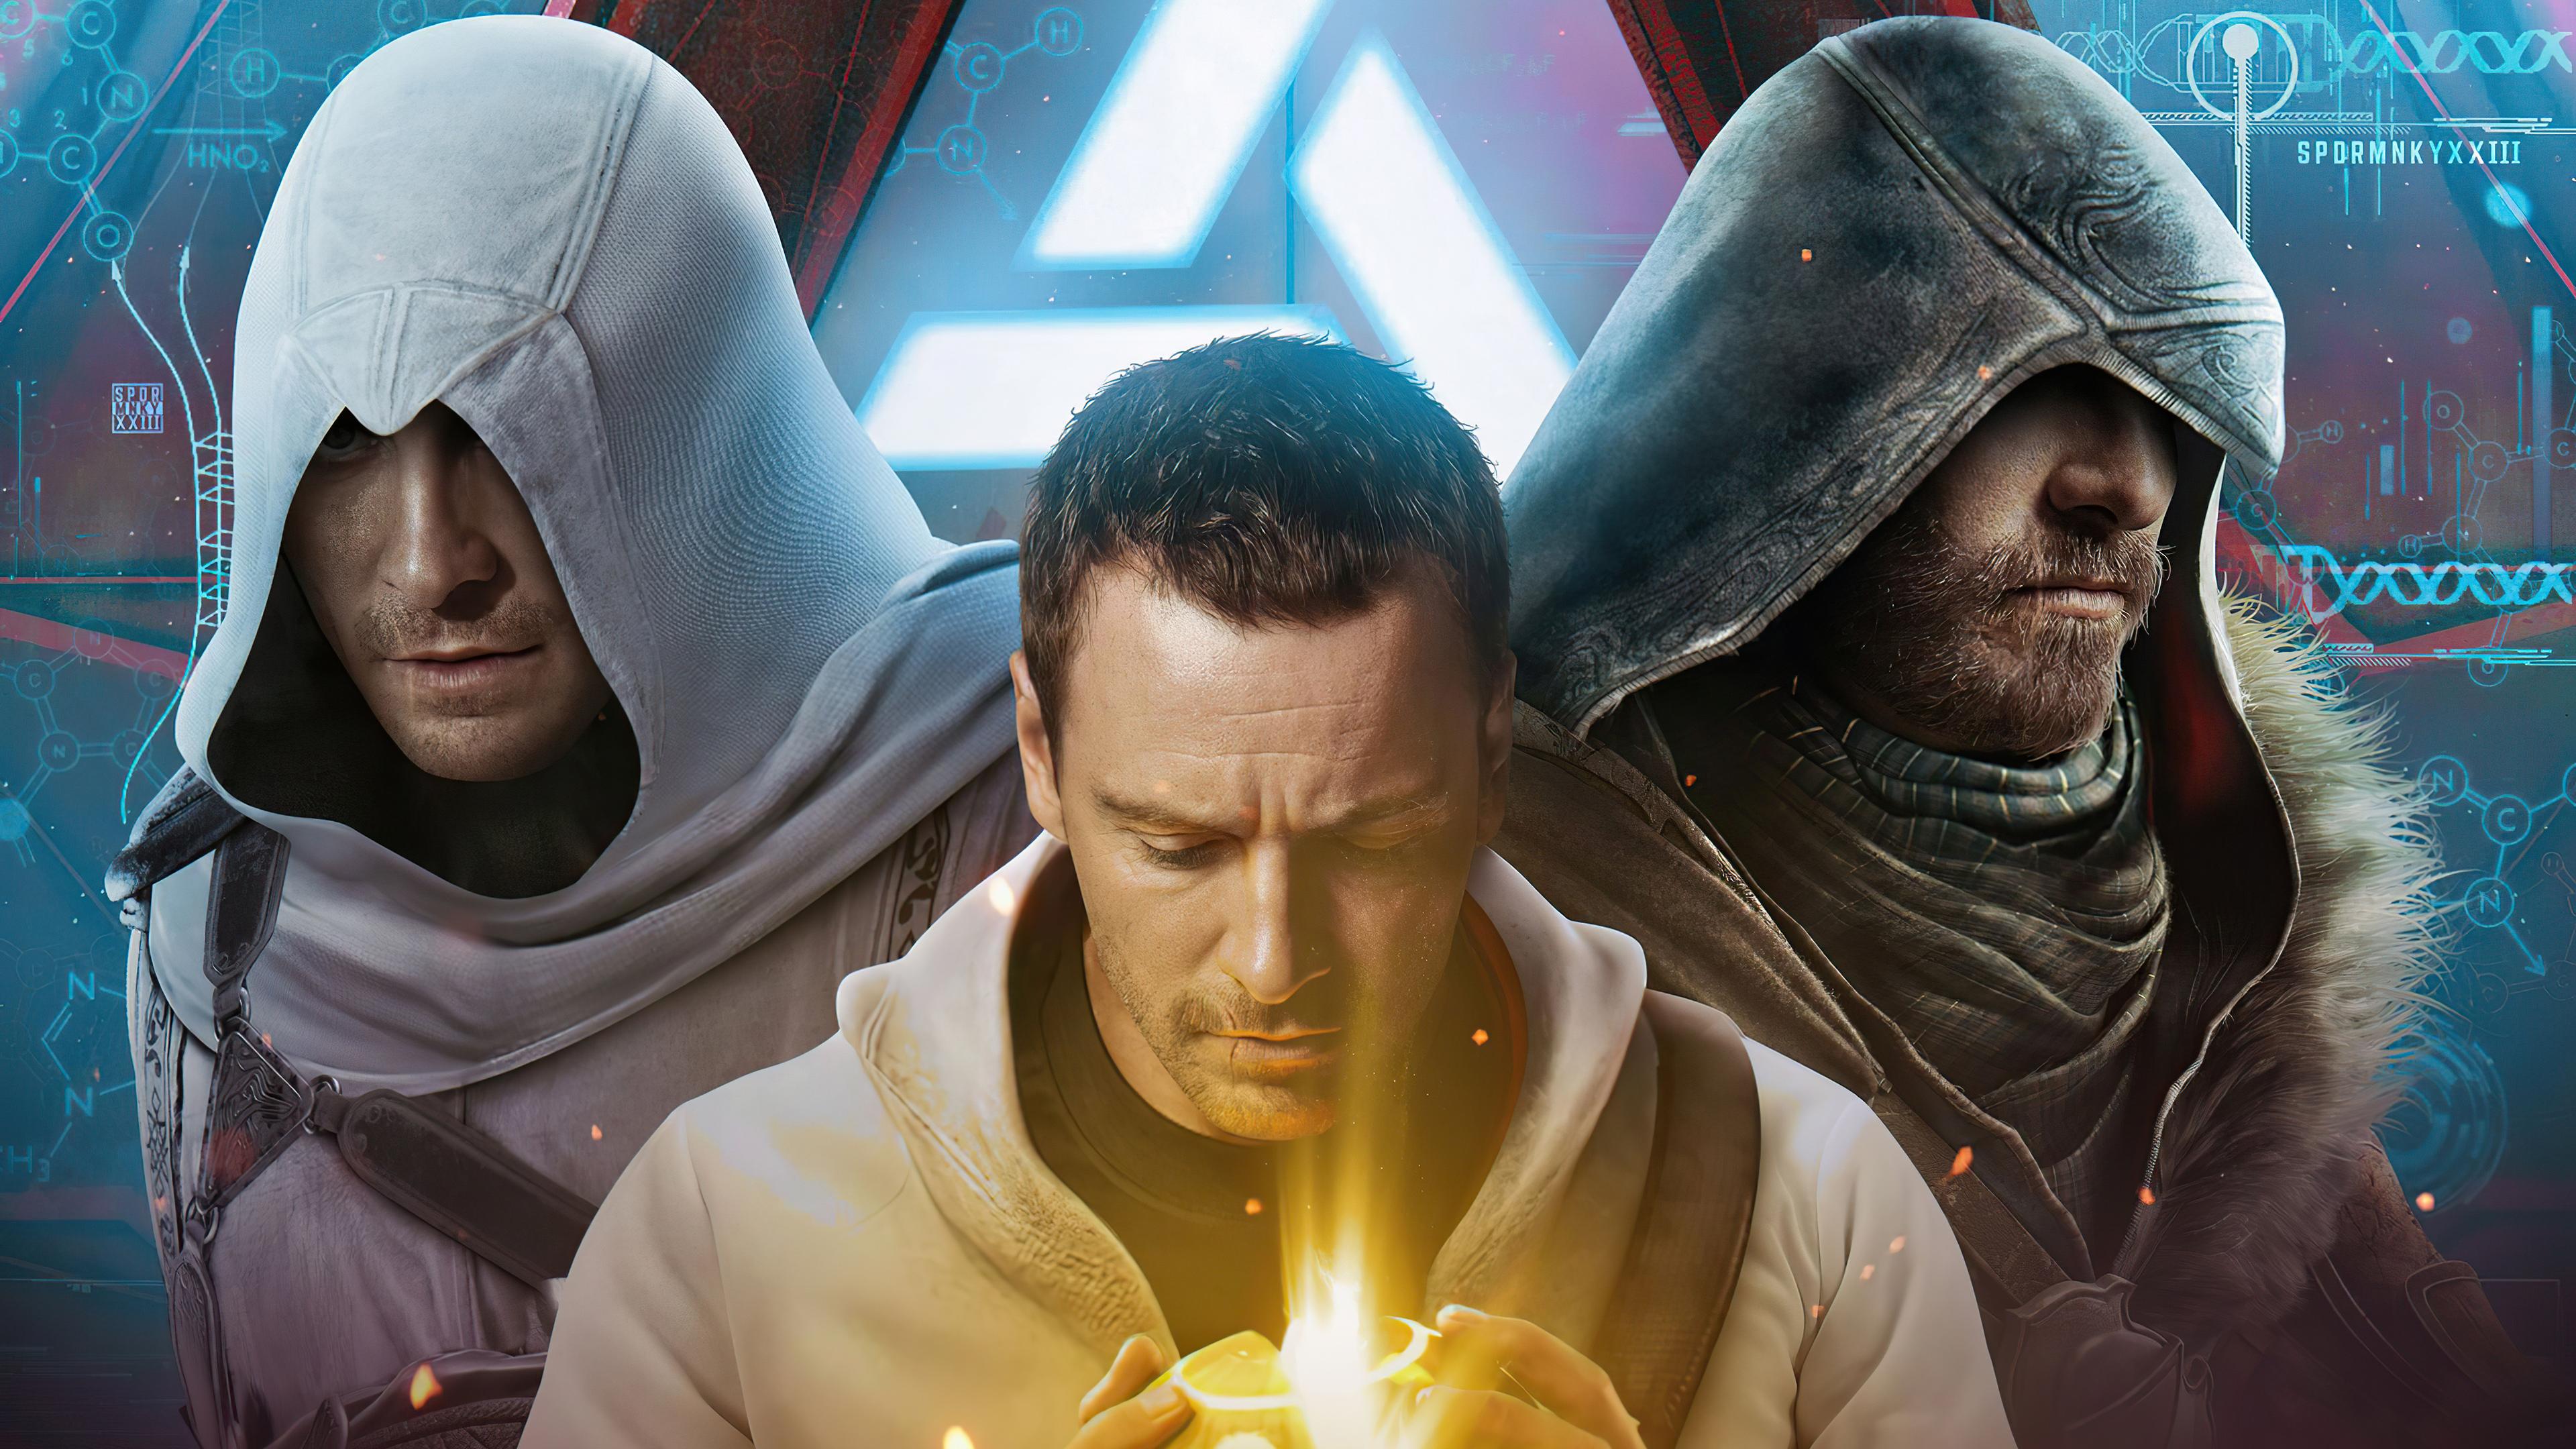 Fondos de pantalla Assassins Creed Serie de Netflix